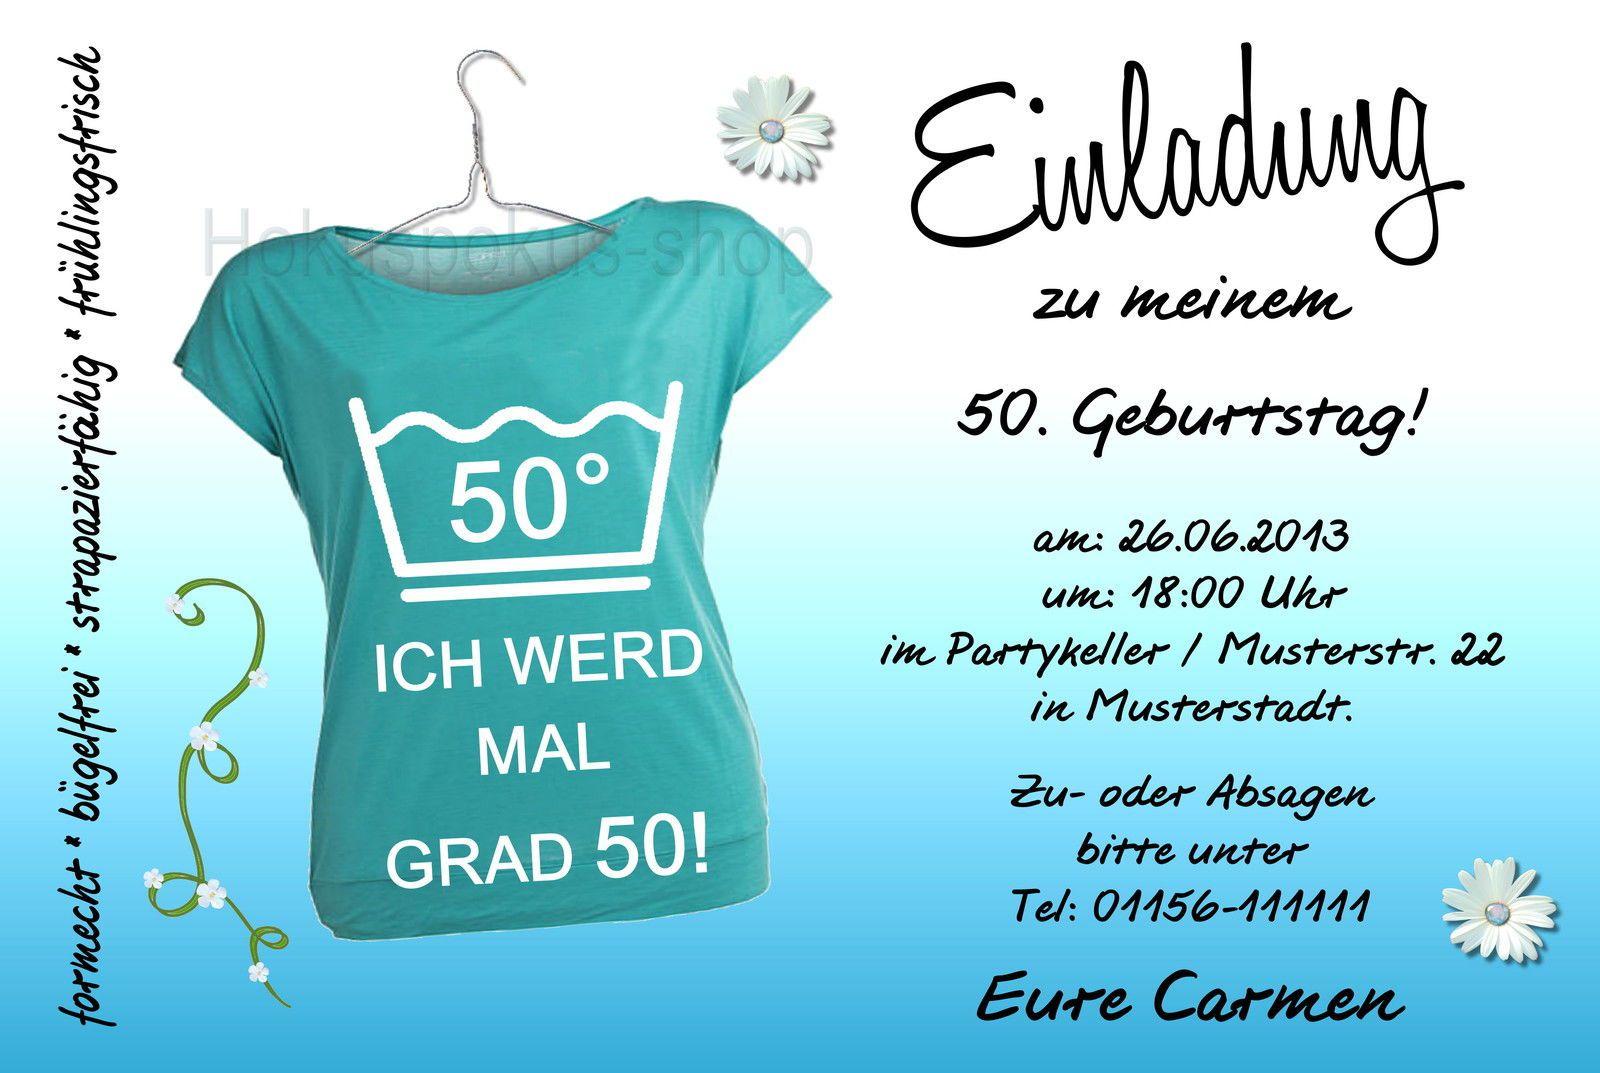 More Article From Einladung Zum Geburtstag. Einladung 50 Geburtstag Lustig